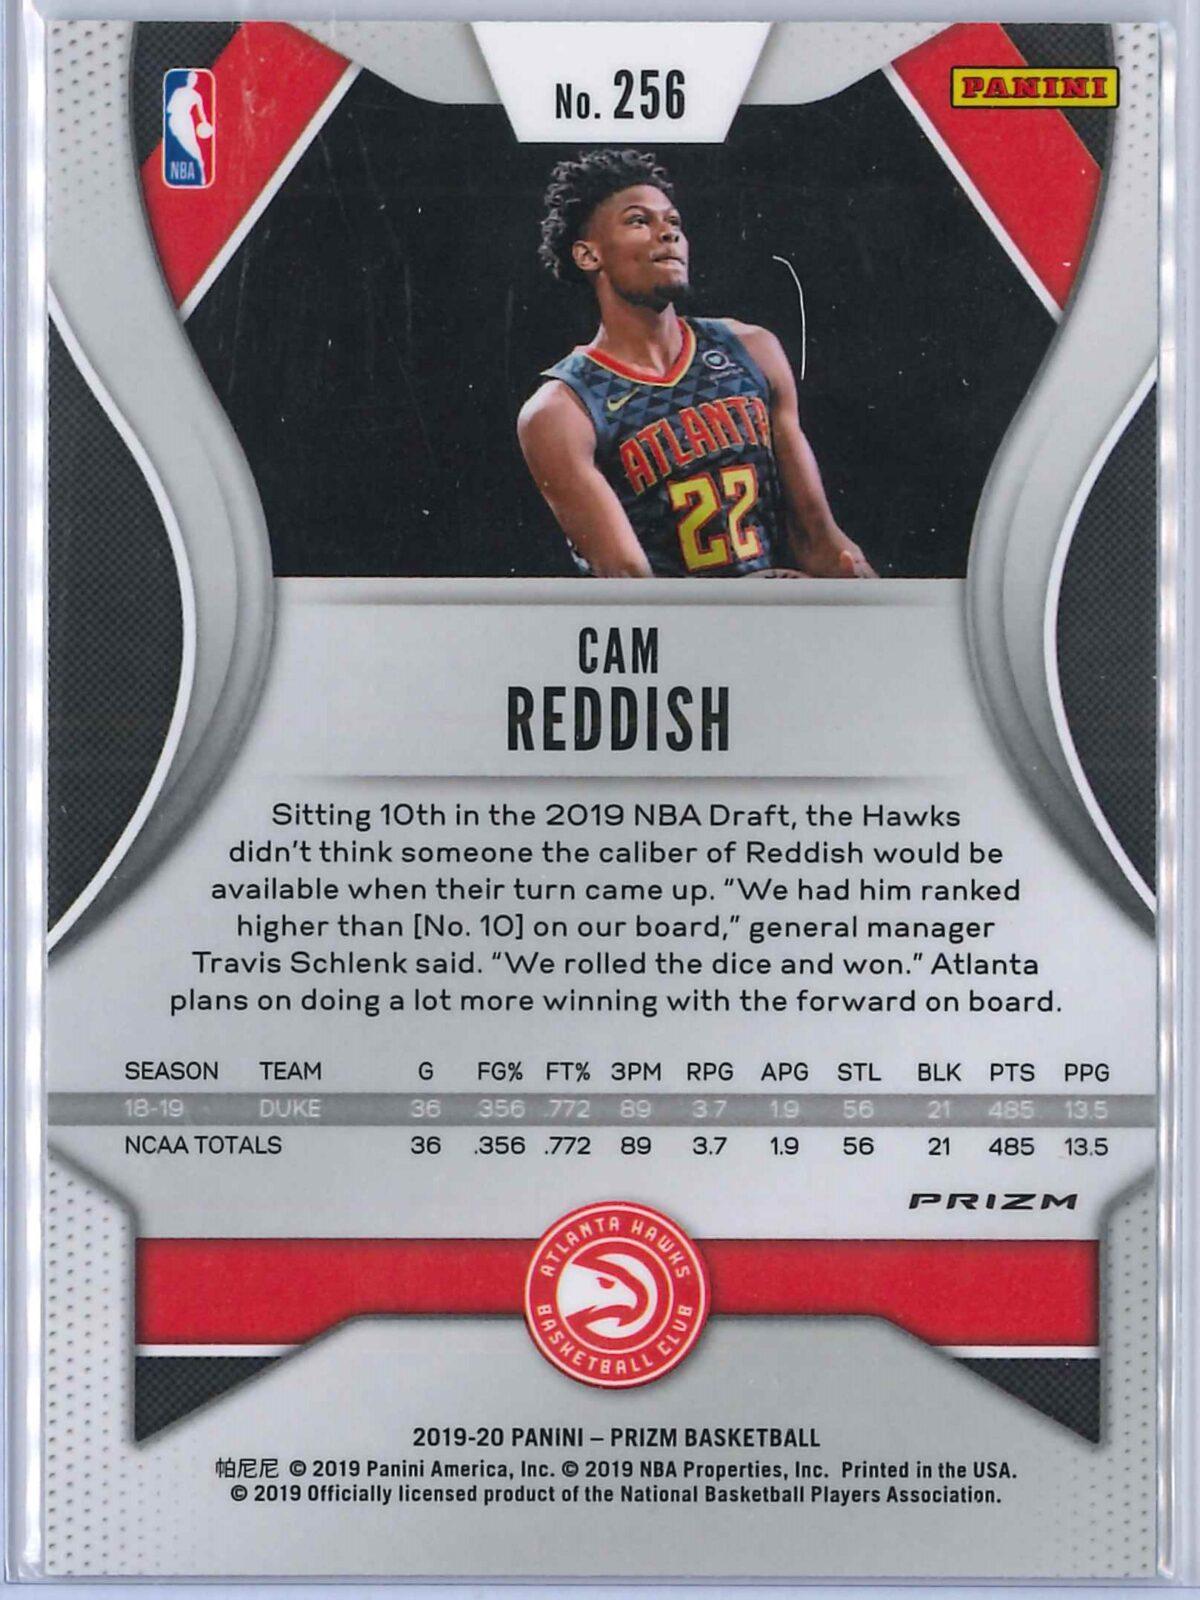 Cam Reddish Panini Prizm 2019-20 Base RC Green